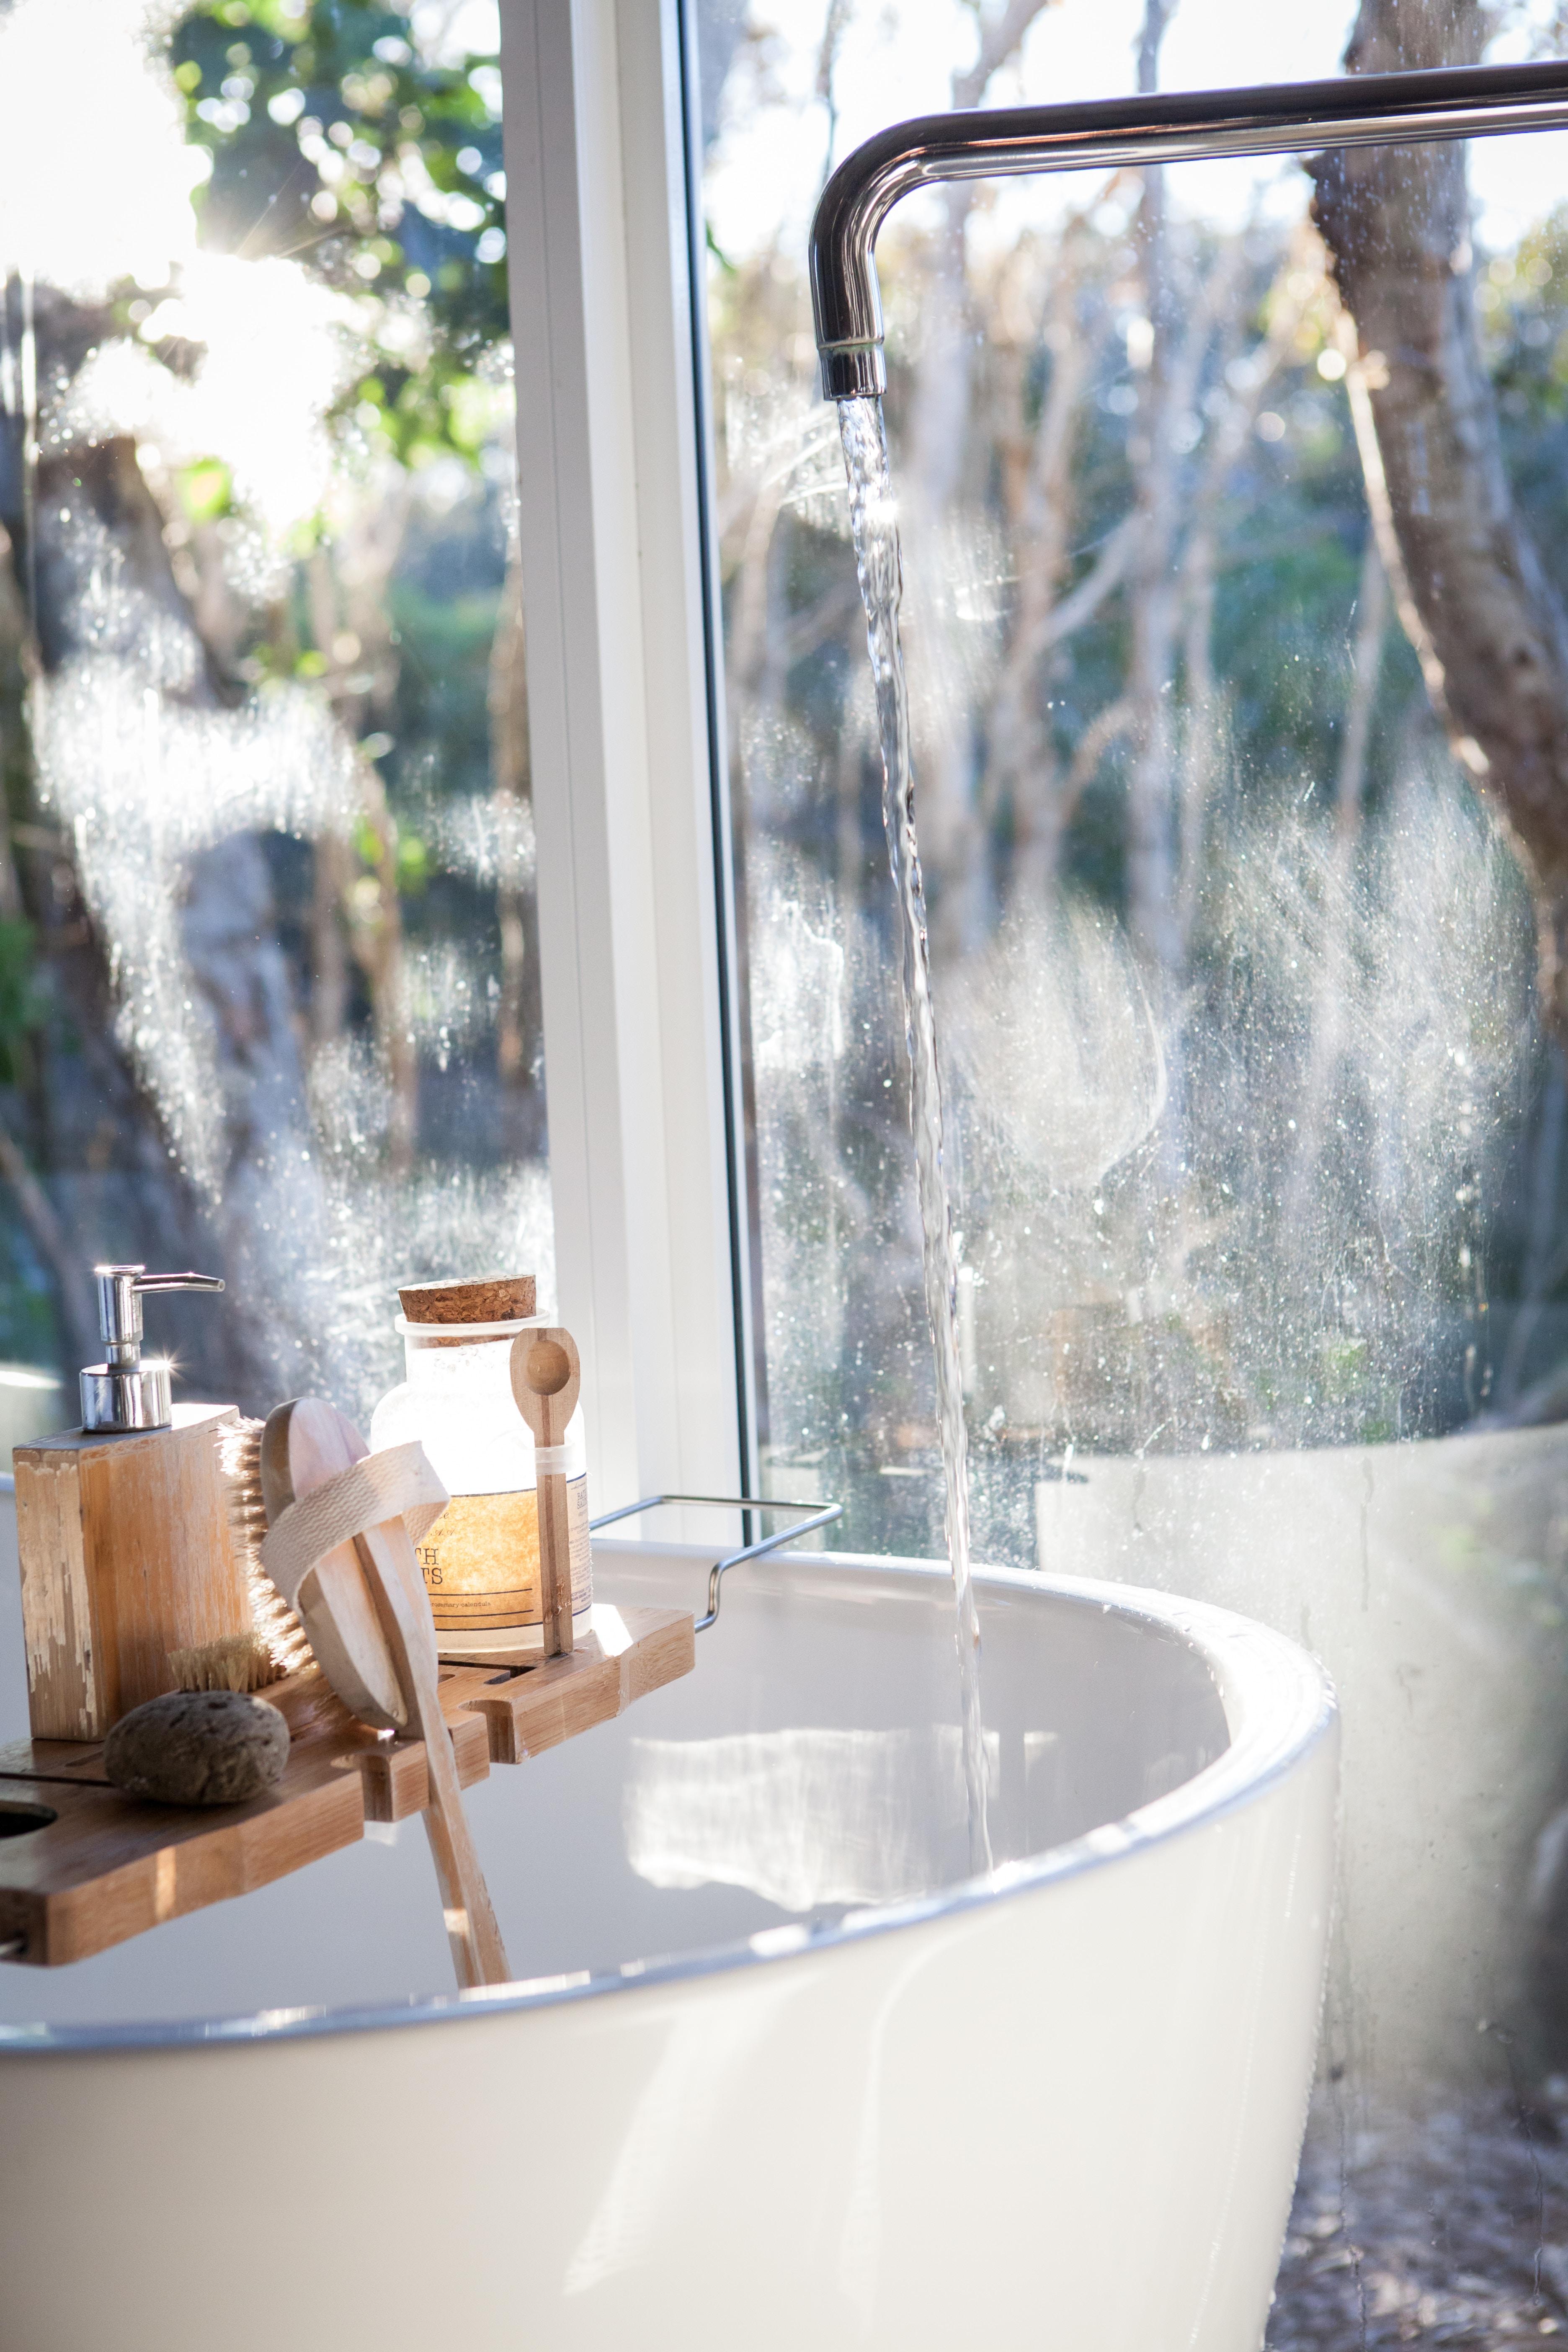 Seks forfriskende Ideer til nye baderumsmøbler